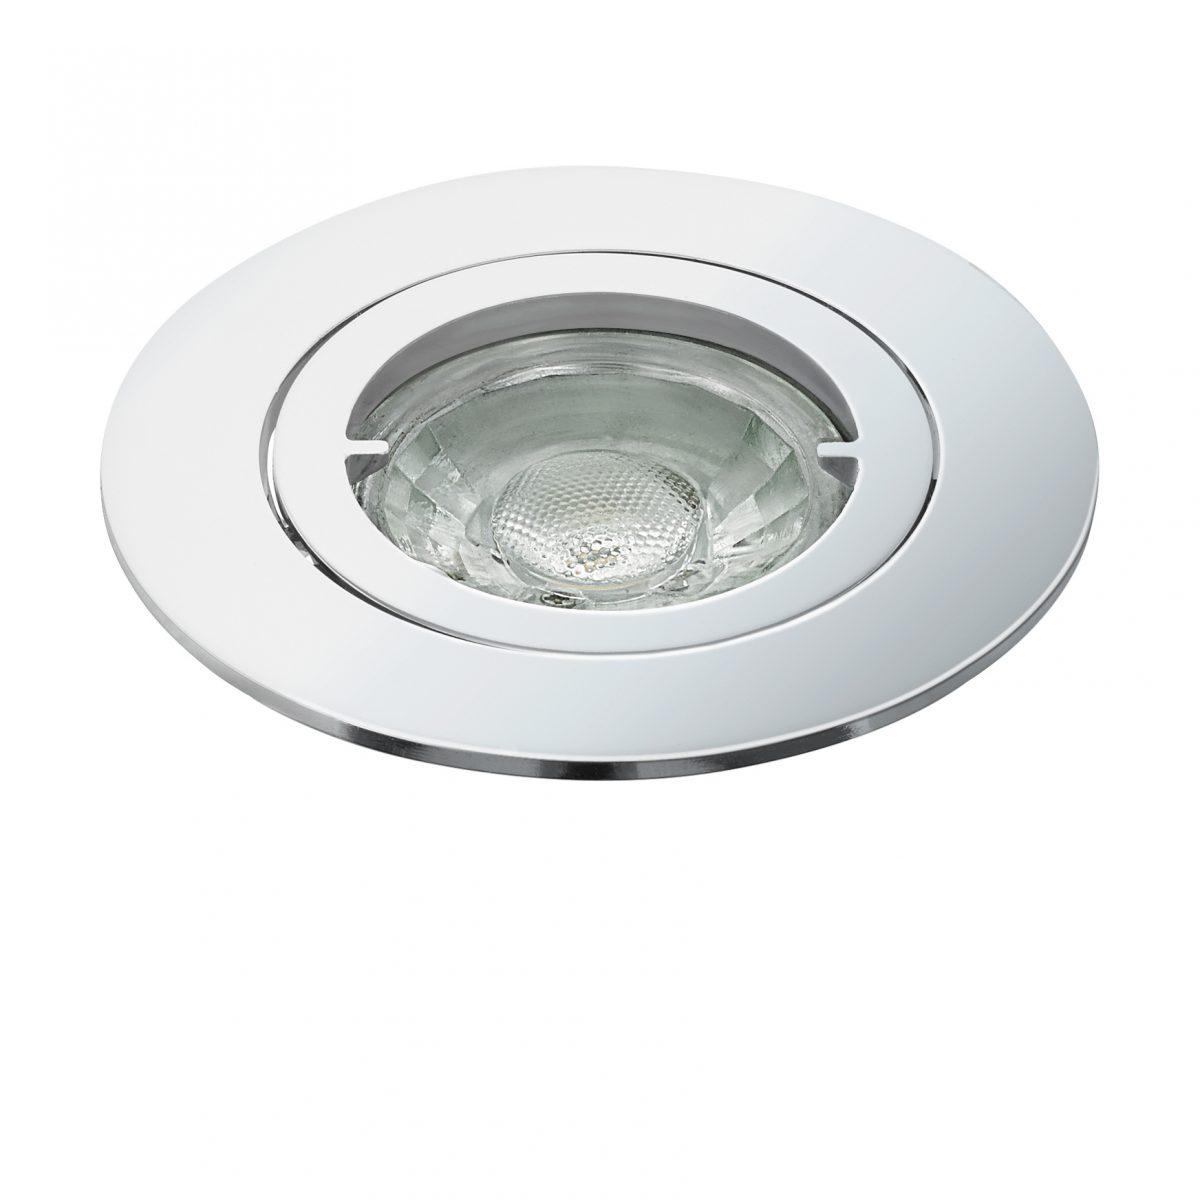 Светильник настенно-потолочный TEDO PRO/PROFESSION EGLO 61511 - Фото №28